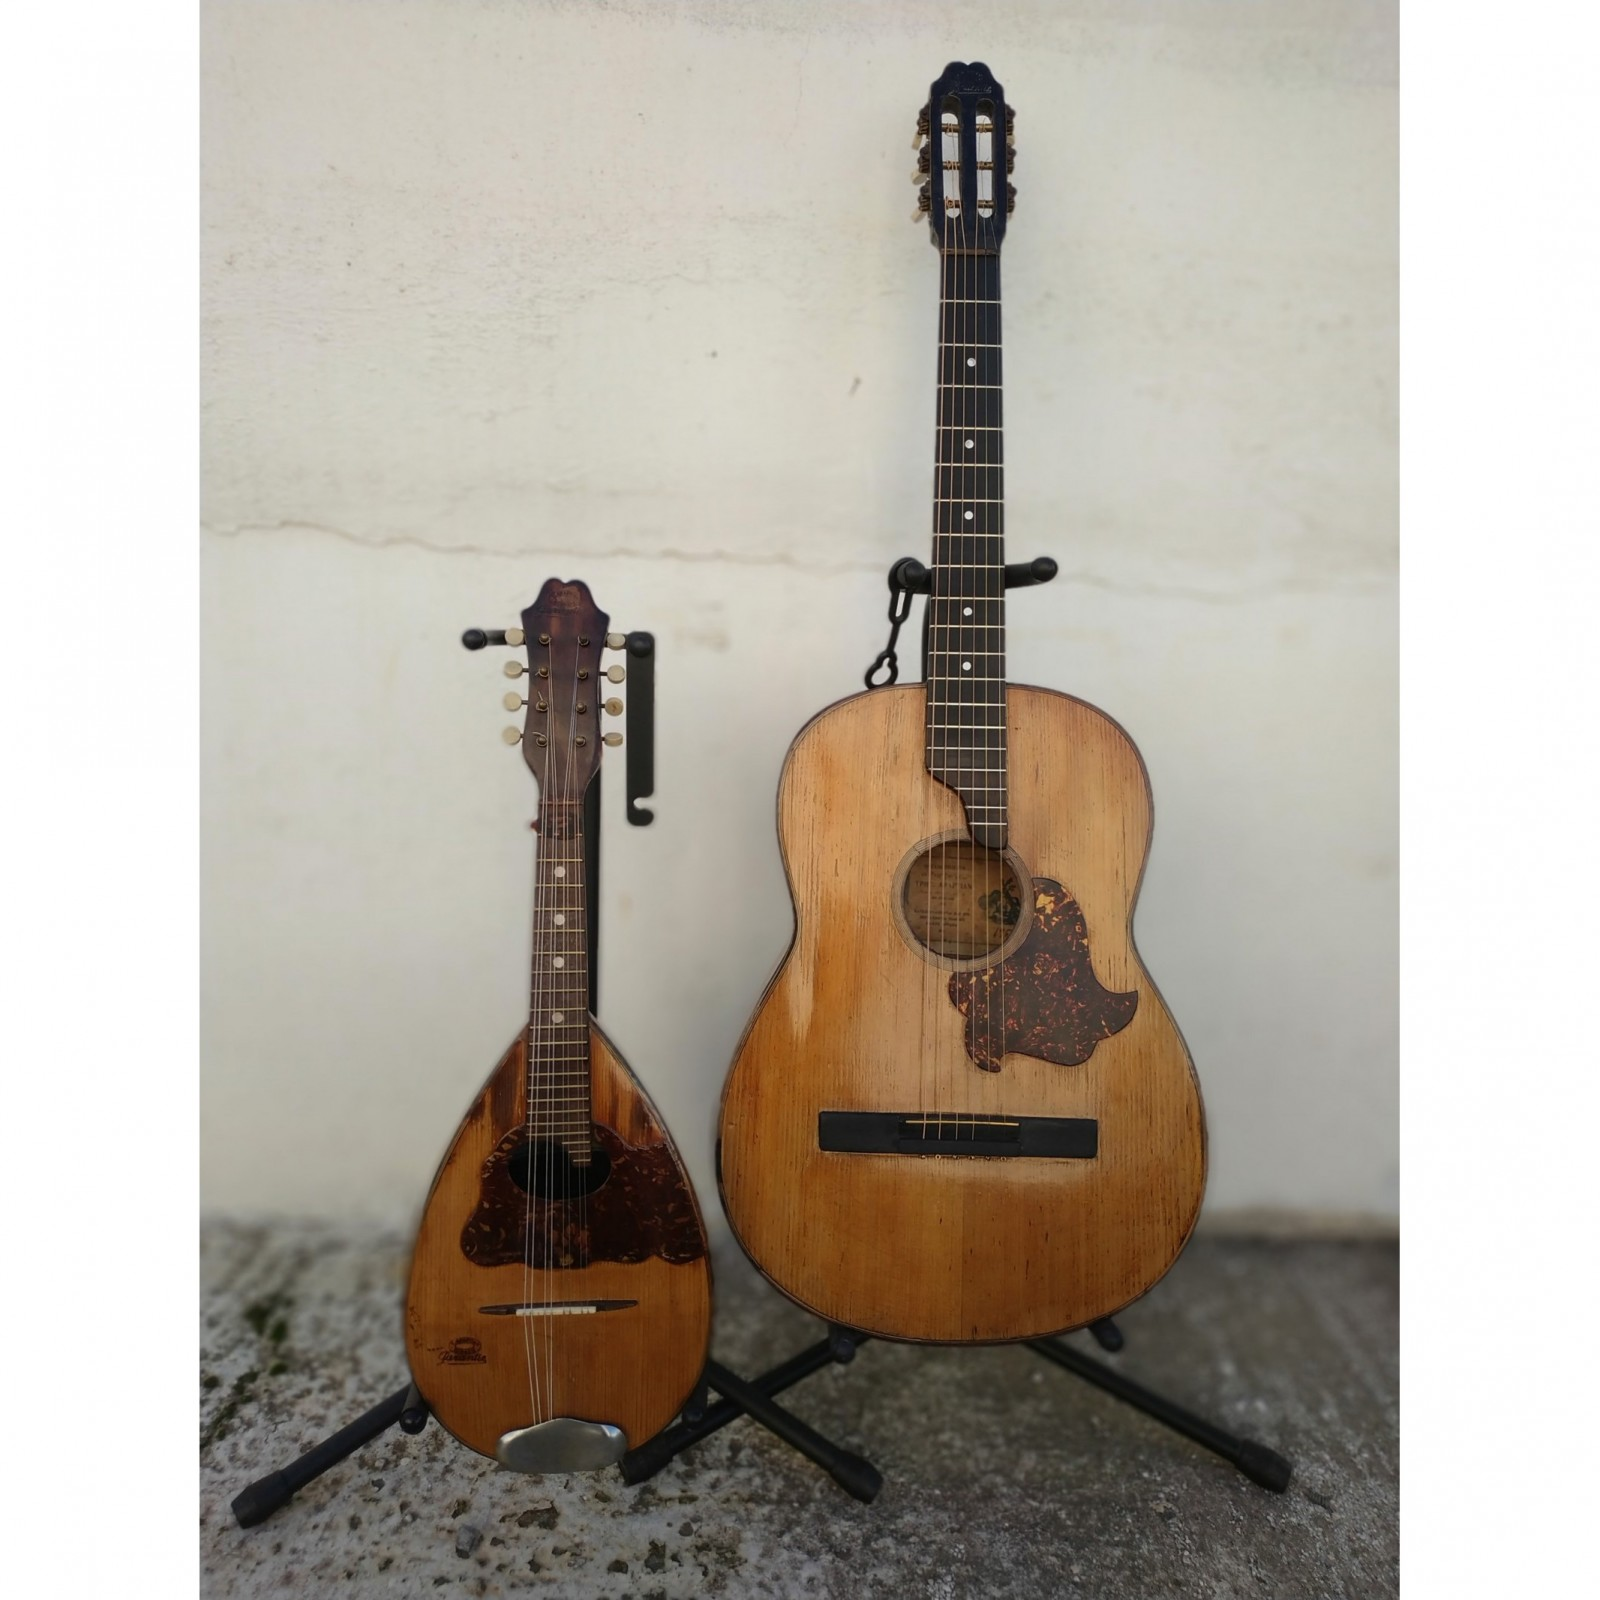 Γρηγόρη Απαρτιάν λαϊκή κιθάρα και μαντολίνο